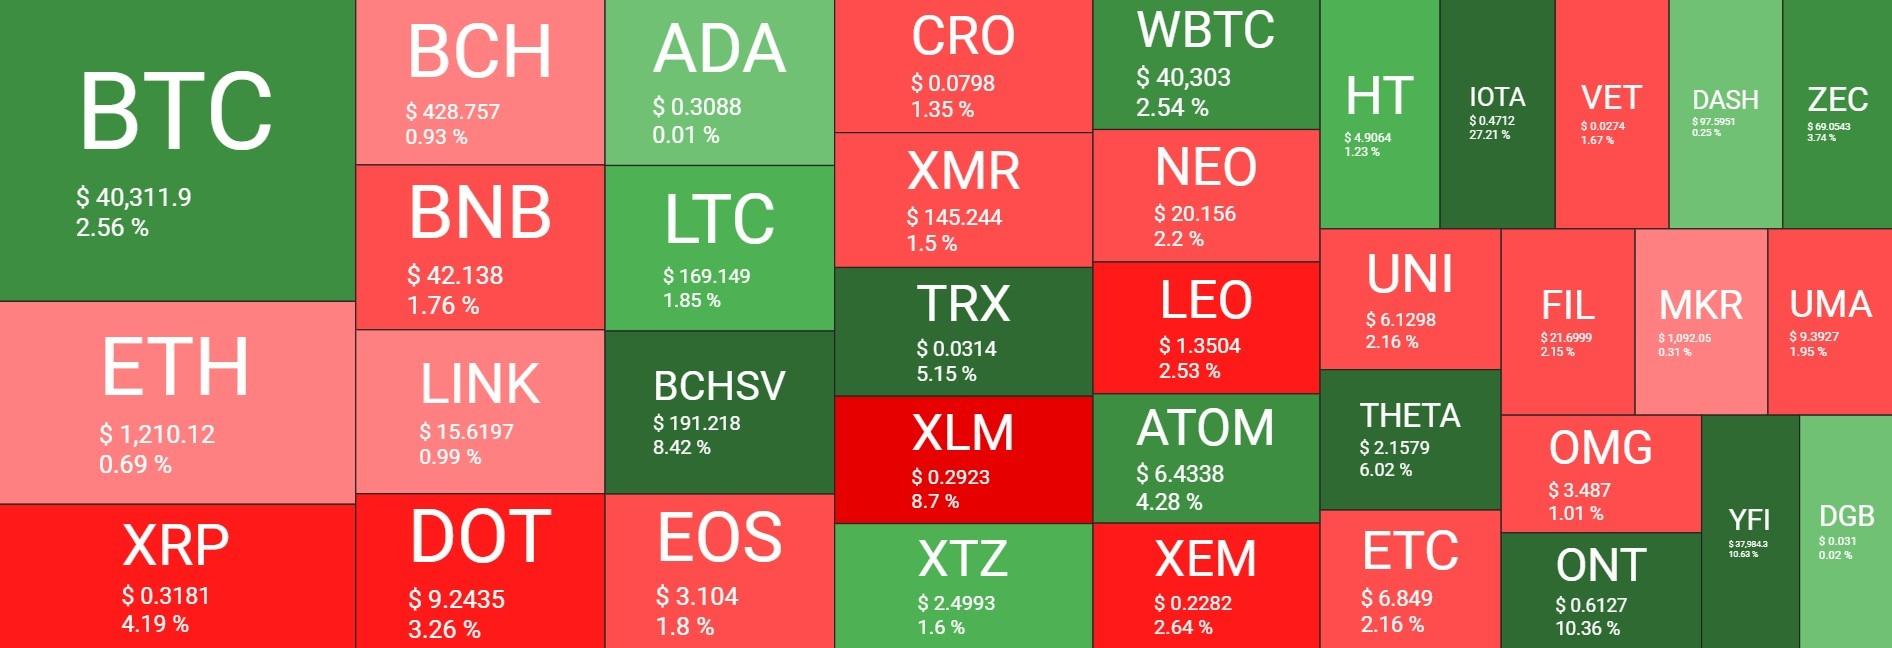 بازار 20دی - نگاهی کلی به وضعیت بازار امروز رمزارزها (20 دی)